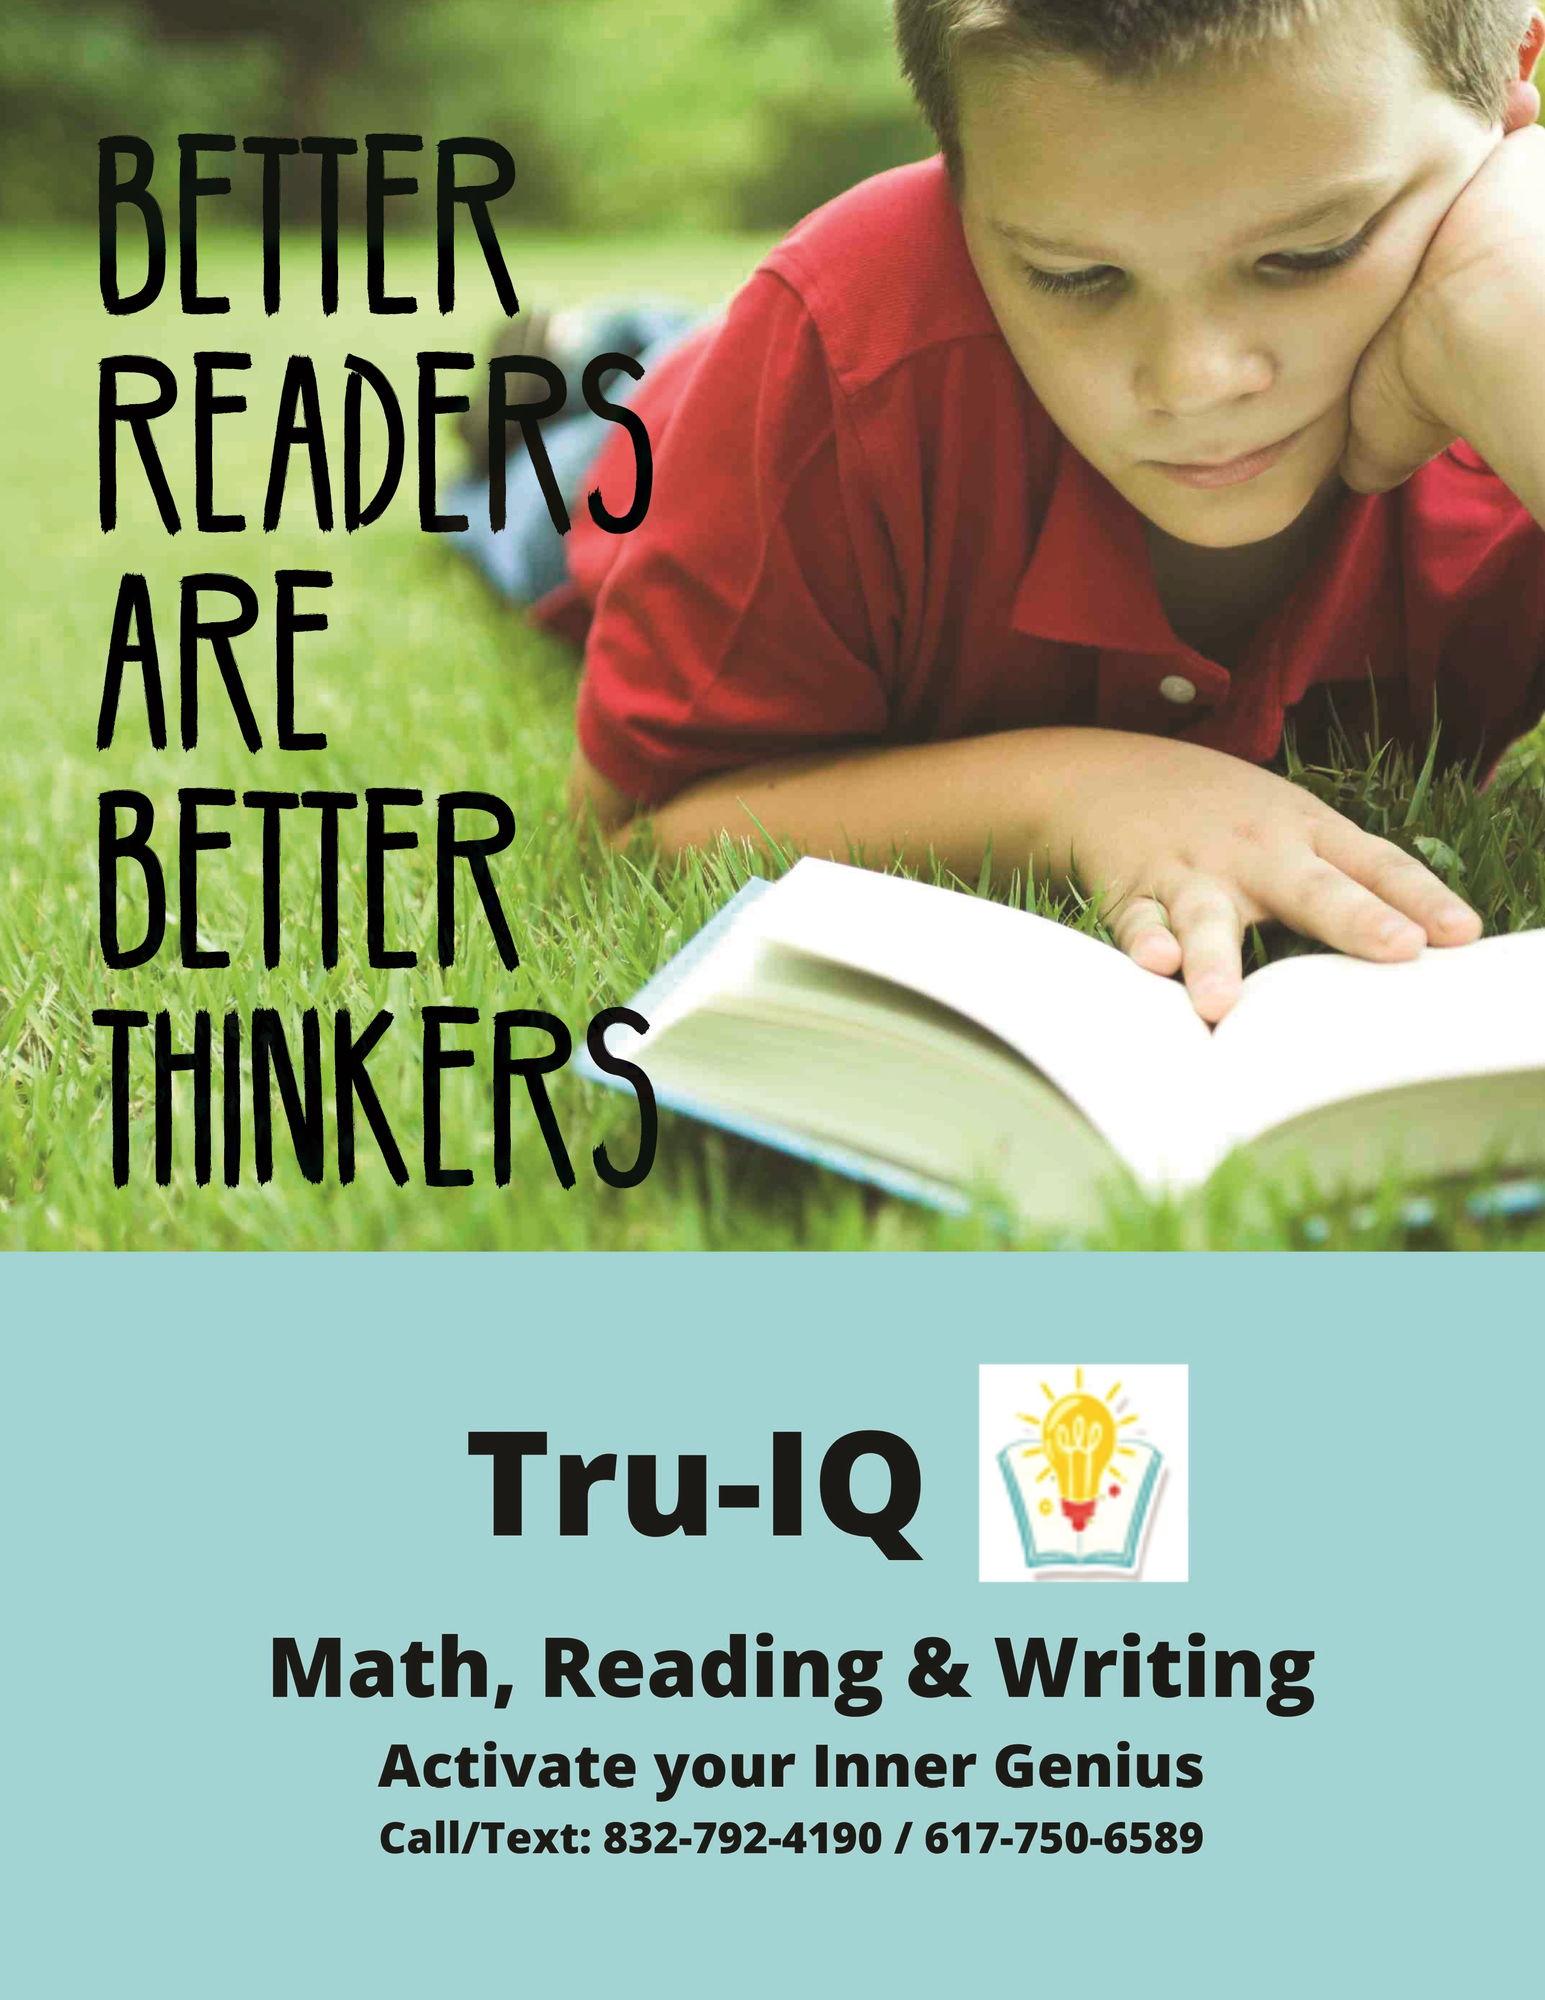 Better readers